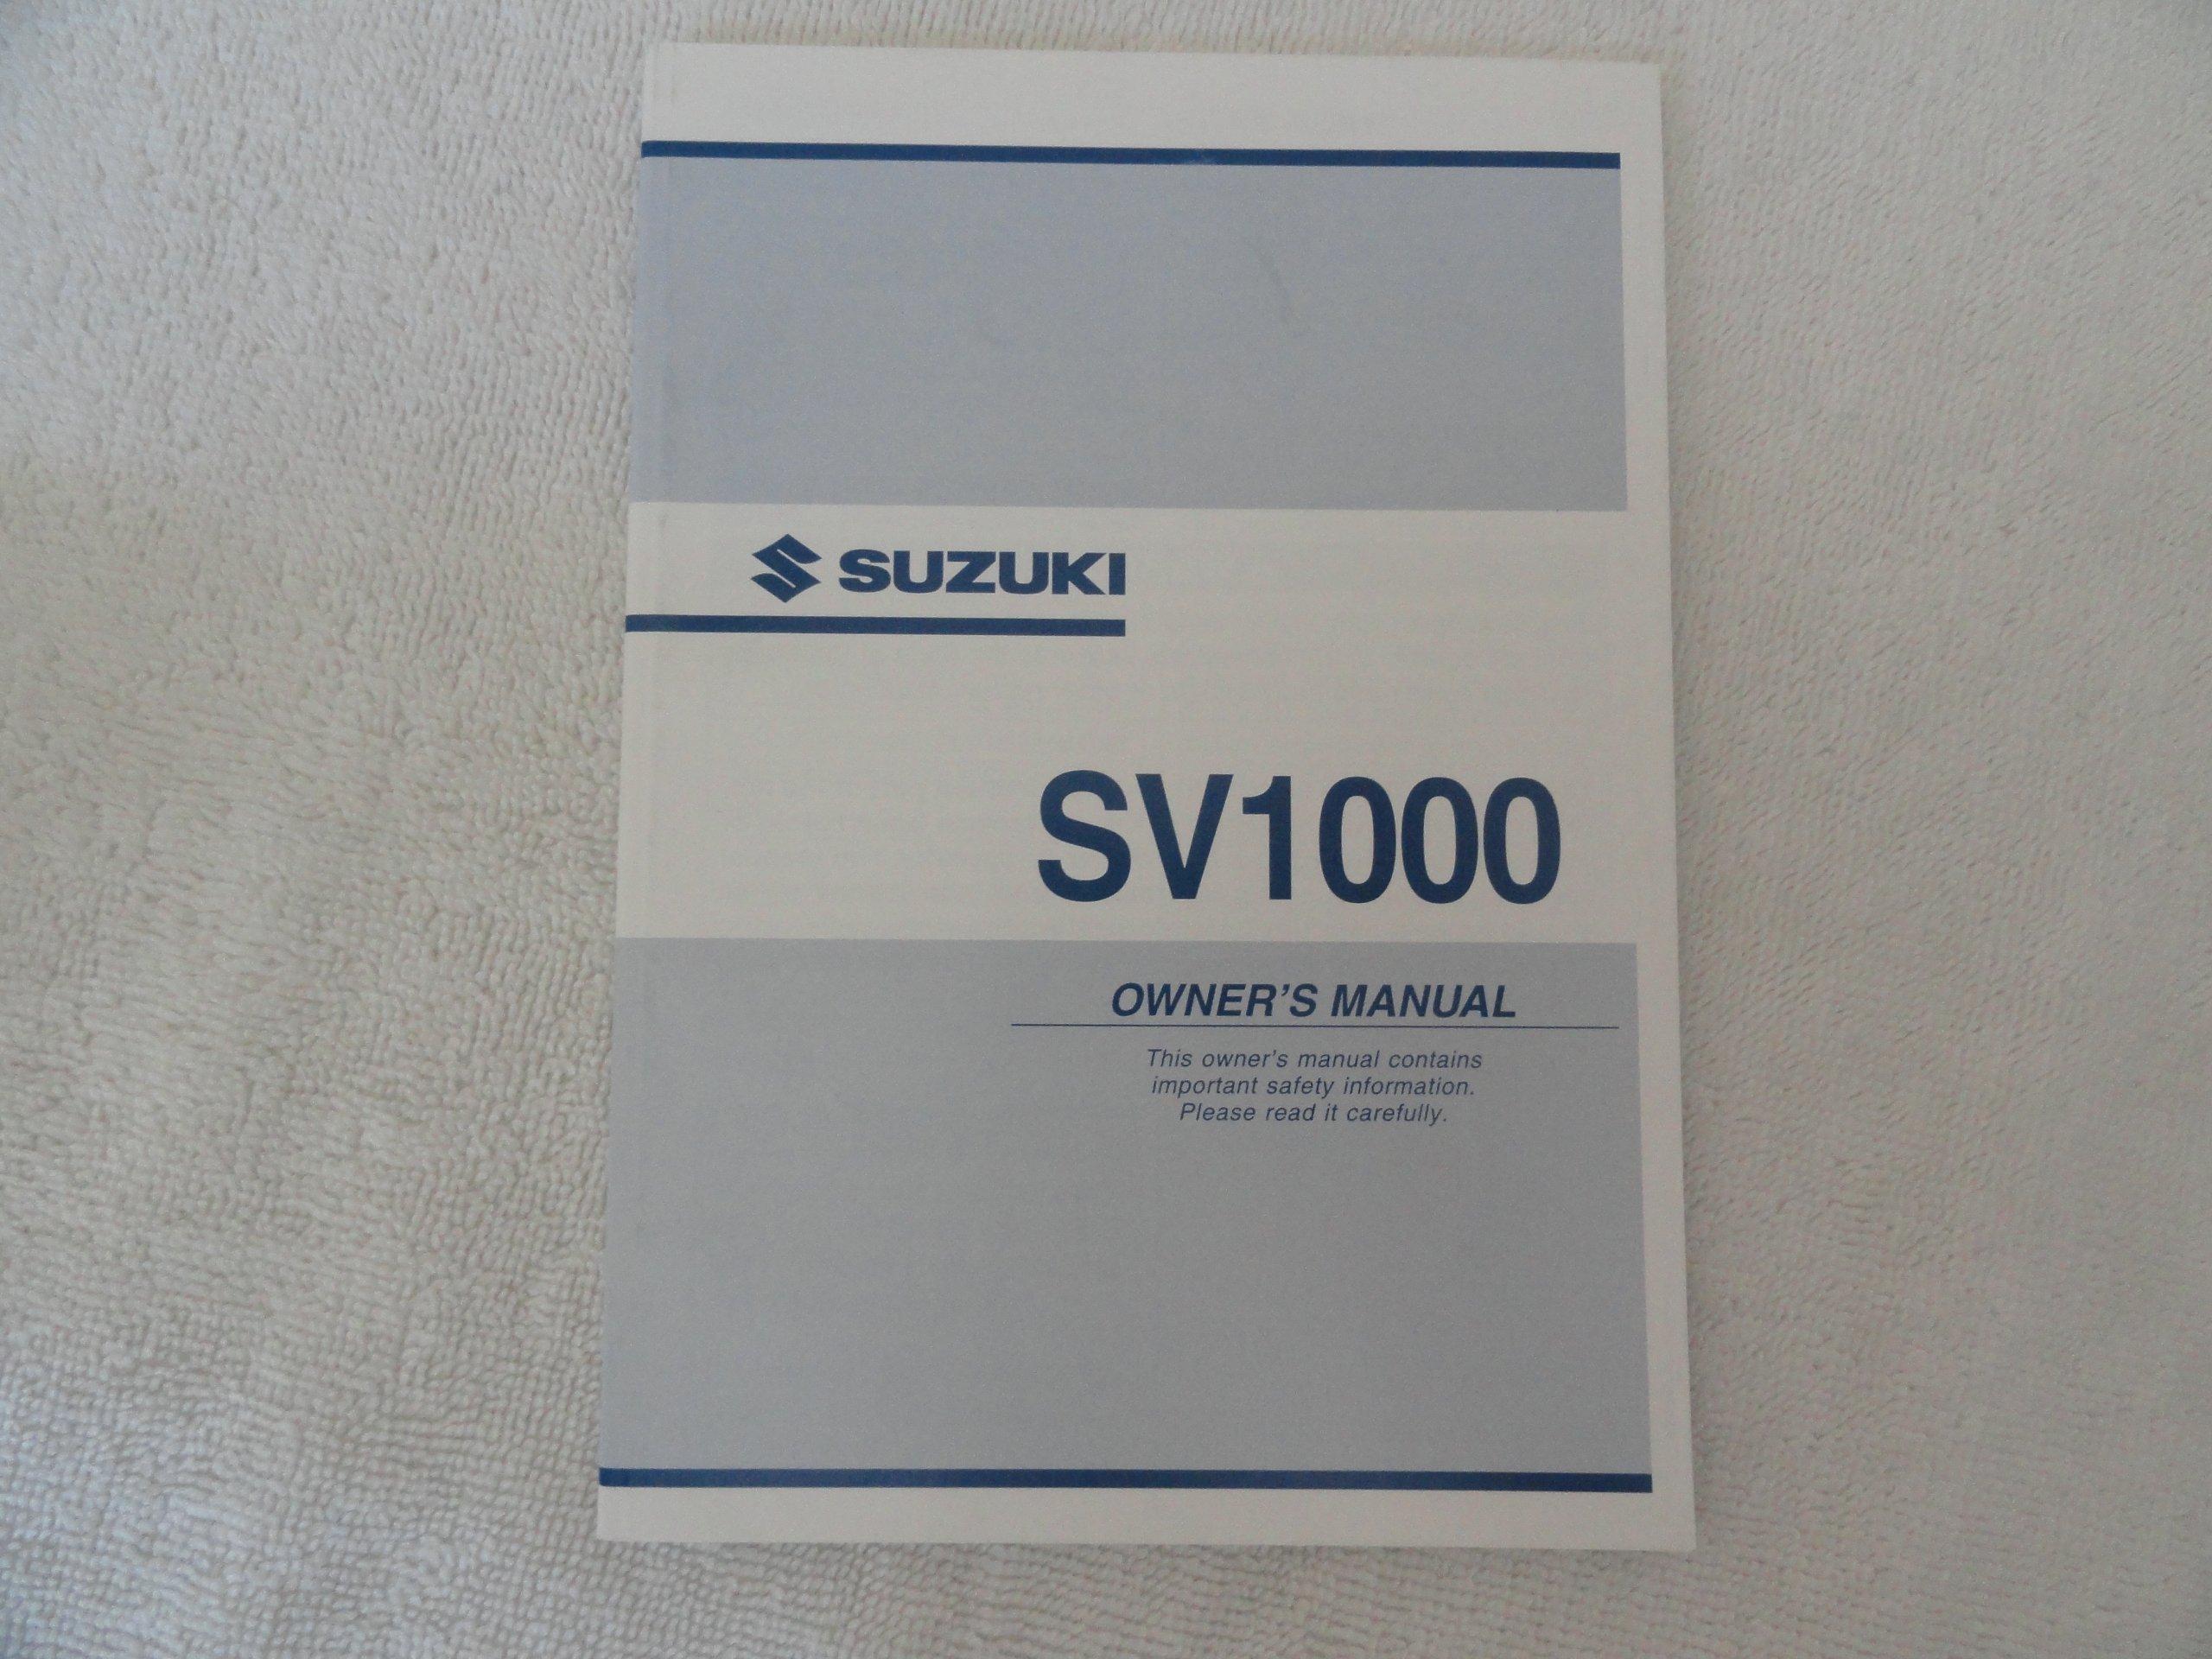 2003 2004 suzuki sv1000 owners manual suzuki amazon com books rh amazon com SV1000 Full Fairing suzuki sv1000 owners manual